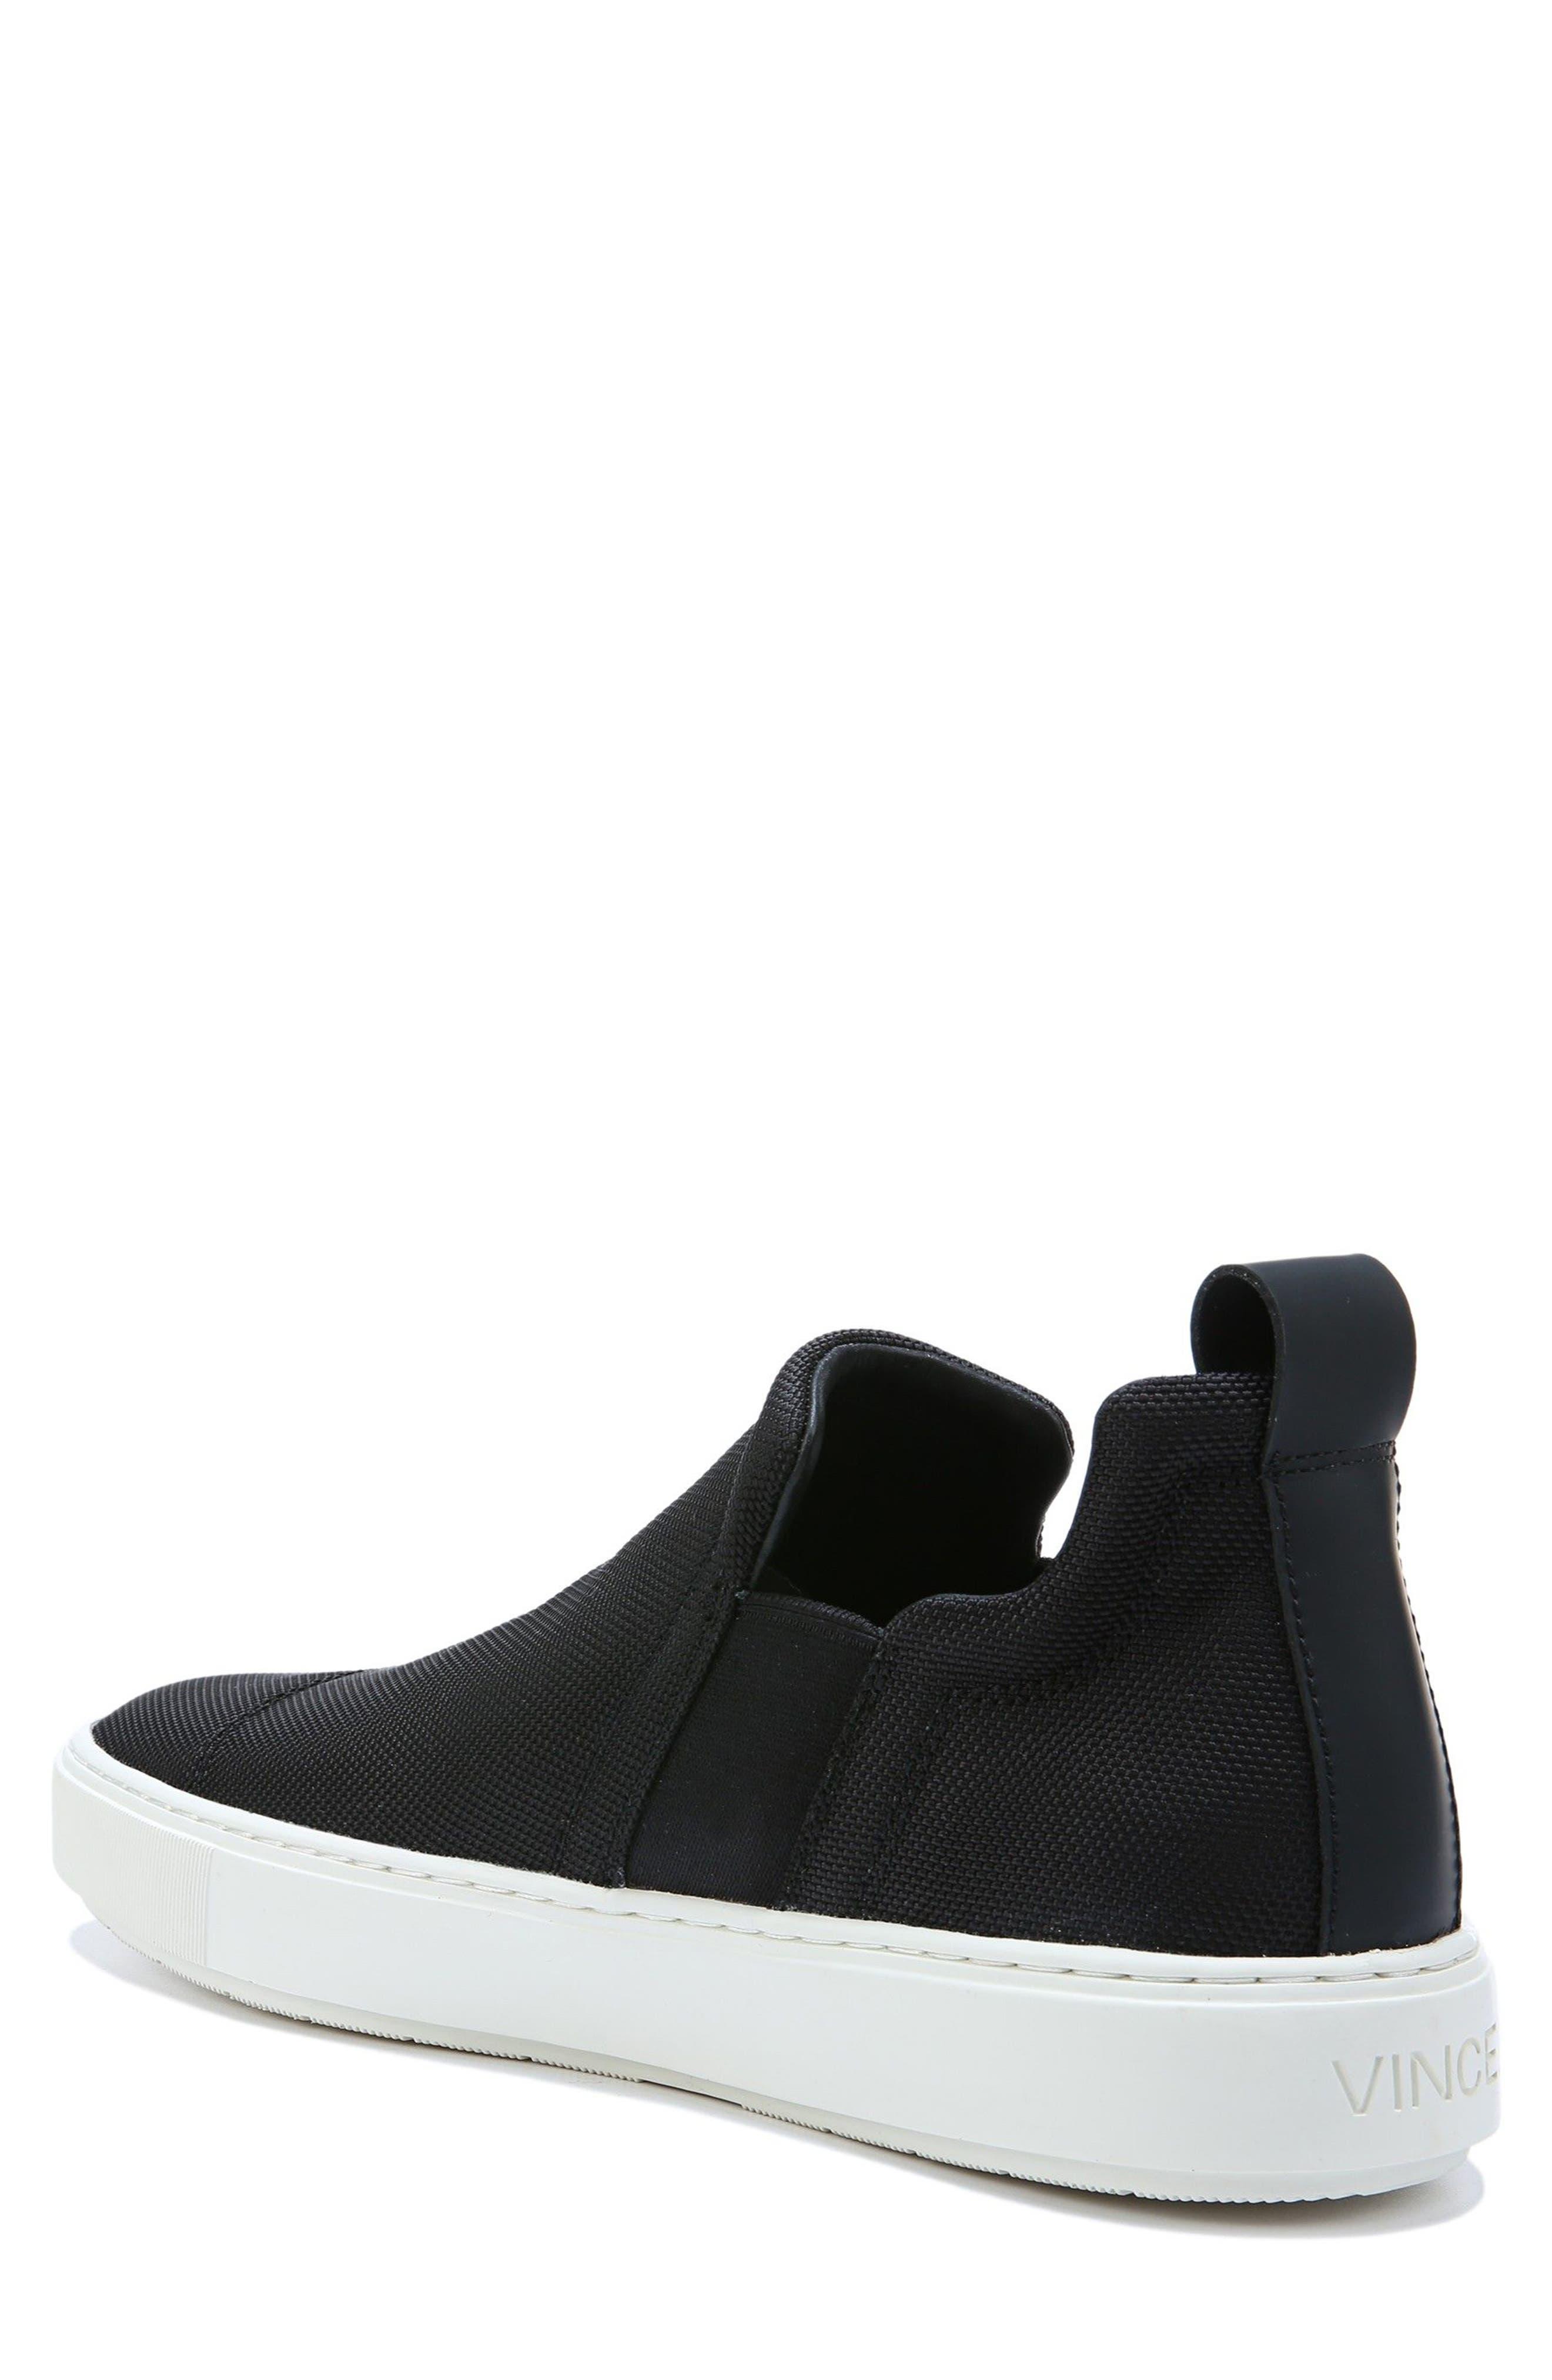 Lucio Slip-On Sneaker,                             Alternate thumbnail 6, color,